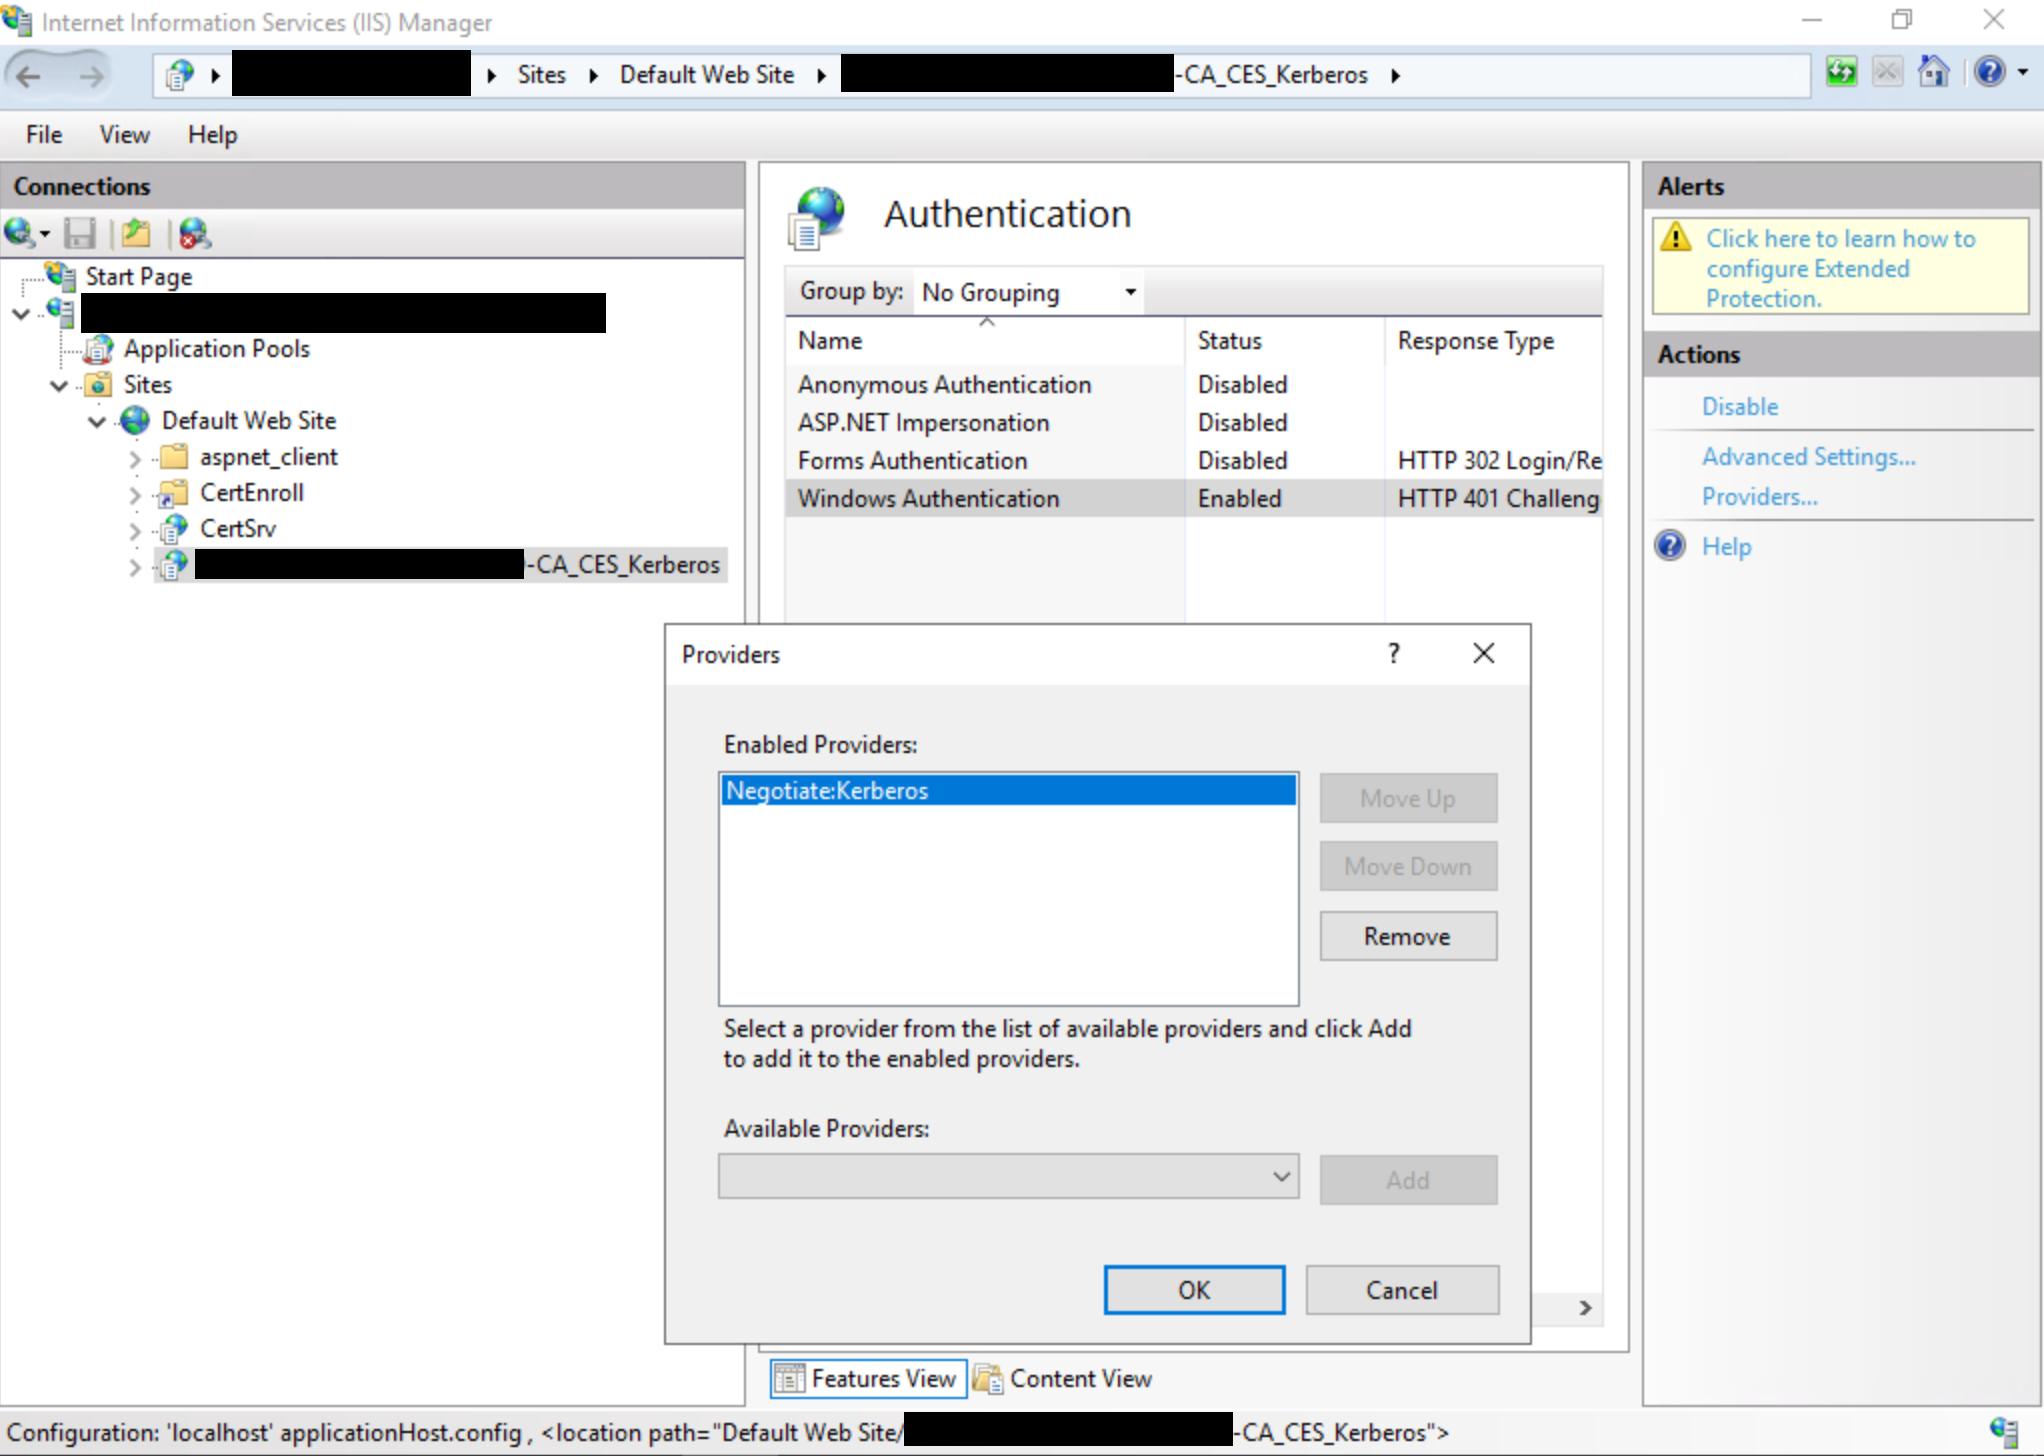 Visualizzazione della finestra di dialogo dell'interfaccia utente di Gestione IIS